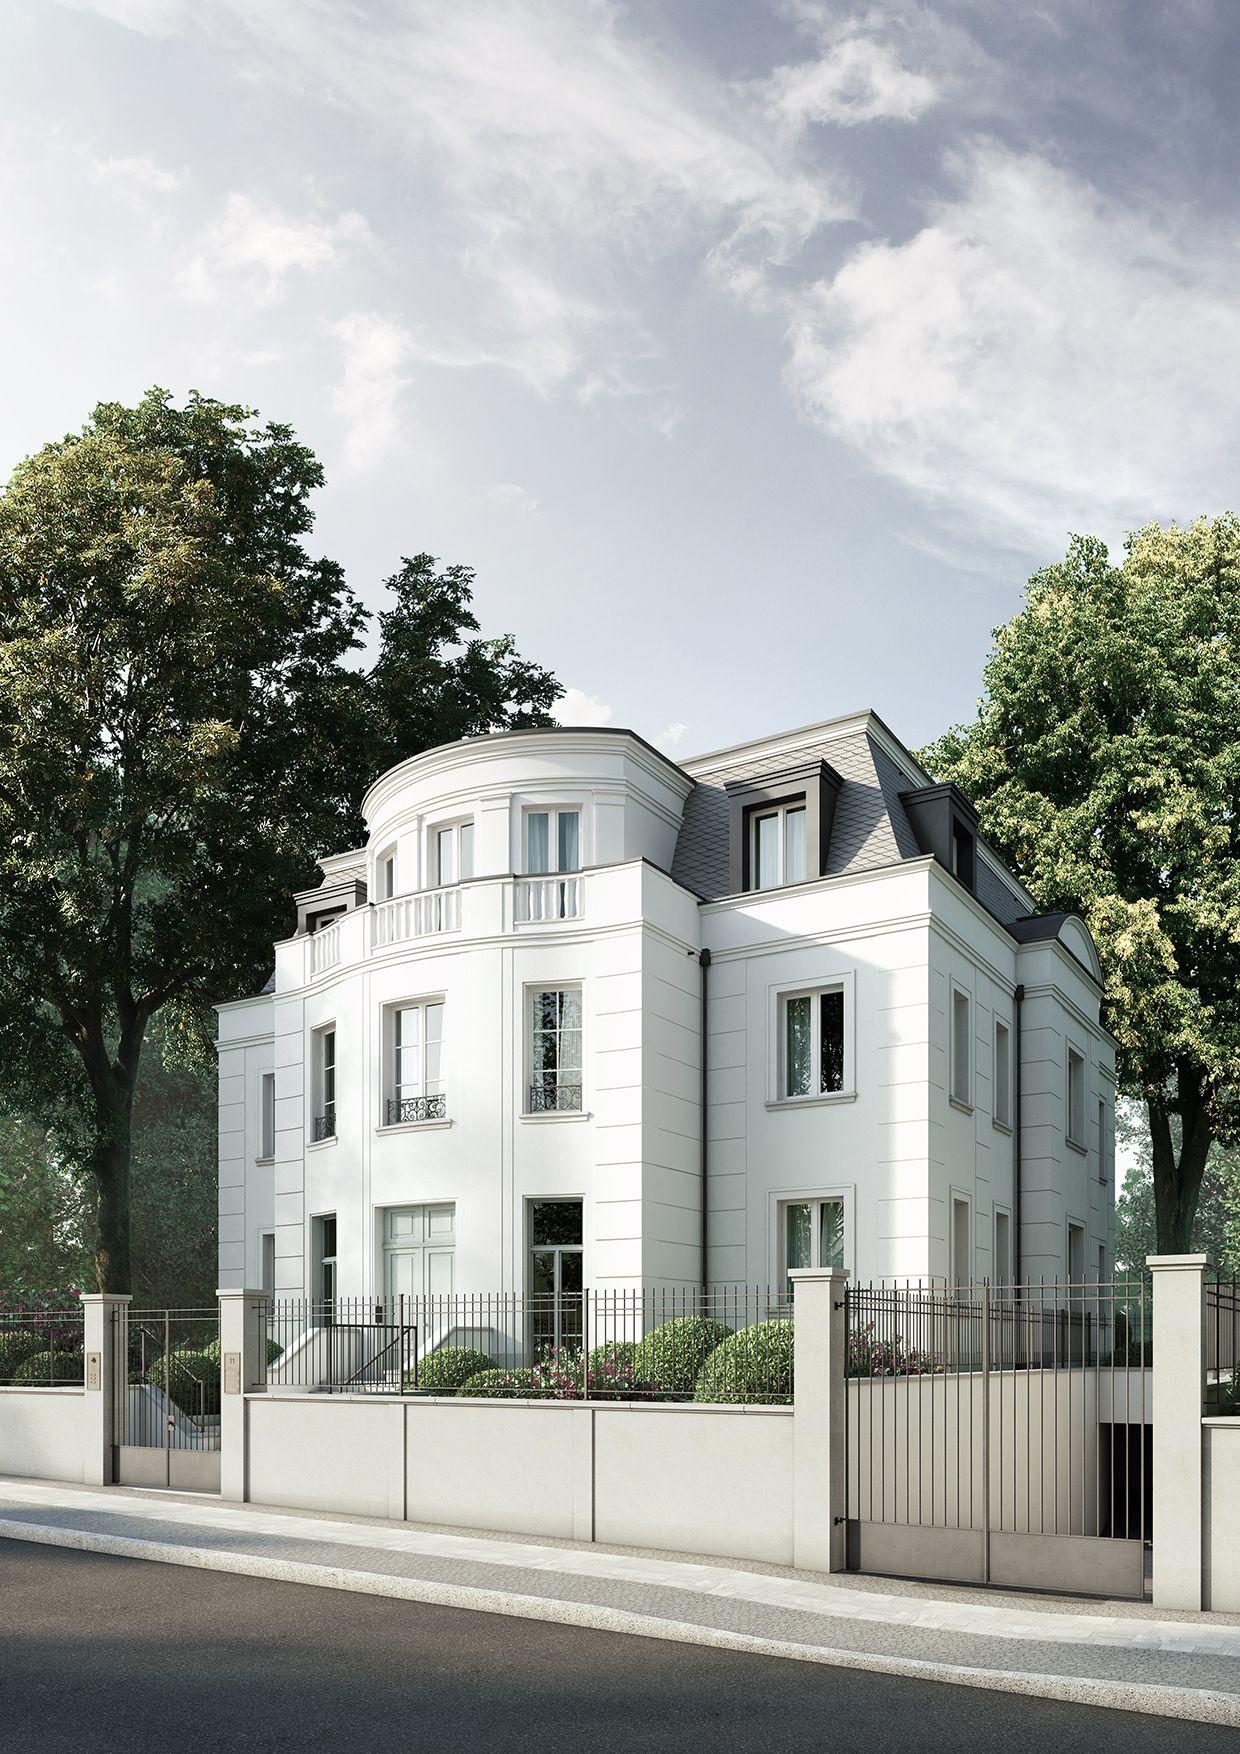 mehrfamilienhaus mit 3 wohneinheiten berlin grunewald projekte pinterest berlin. Black Bedroom Furniture Sets. Home Design Ideas